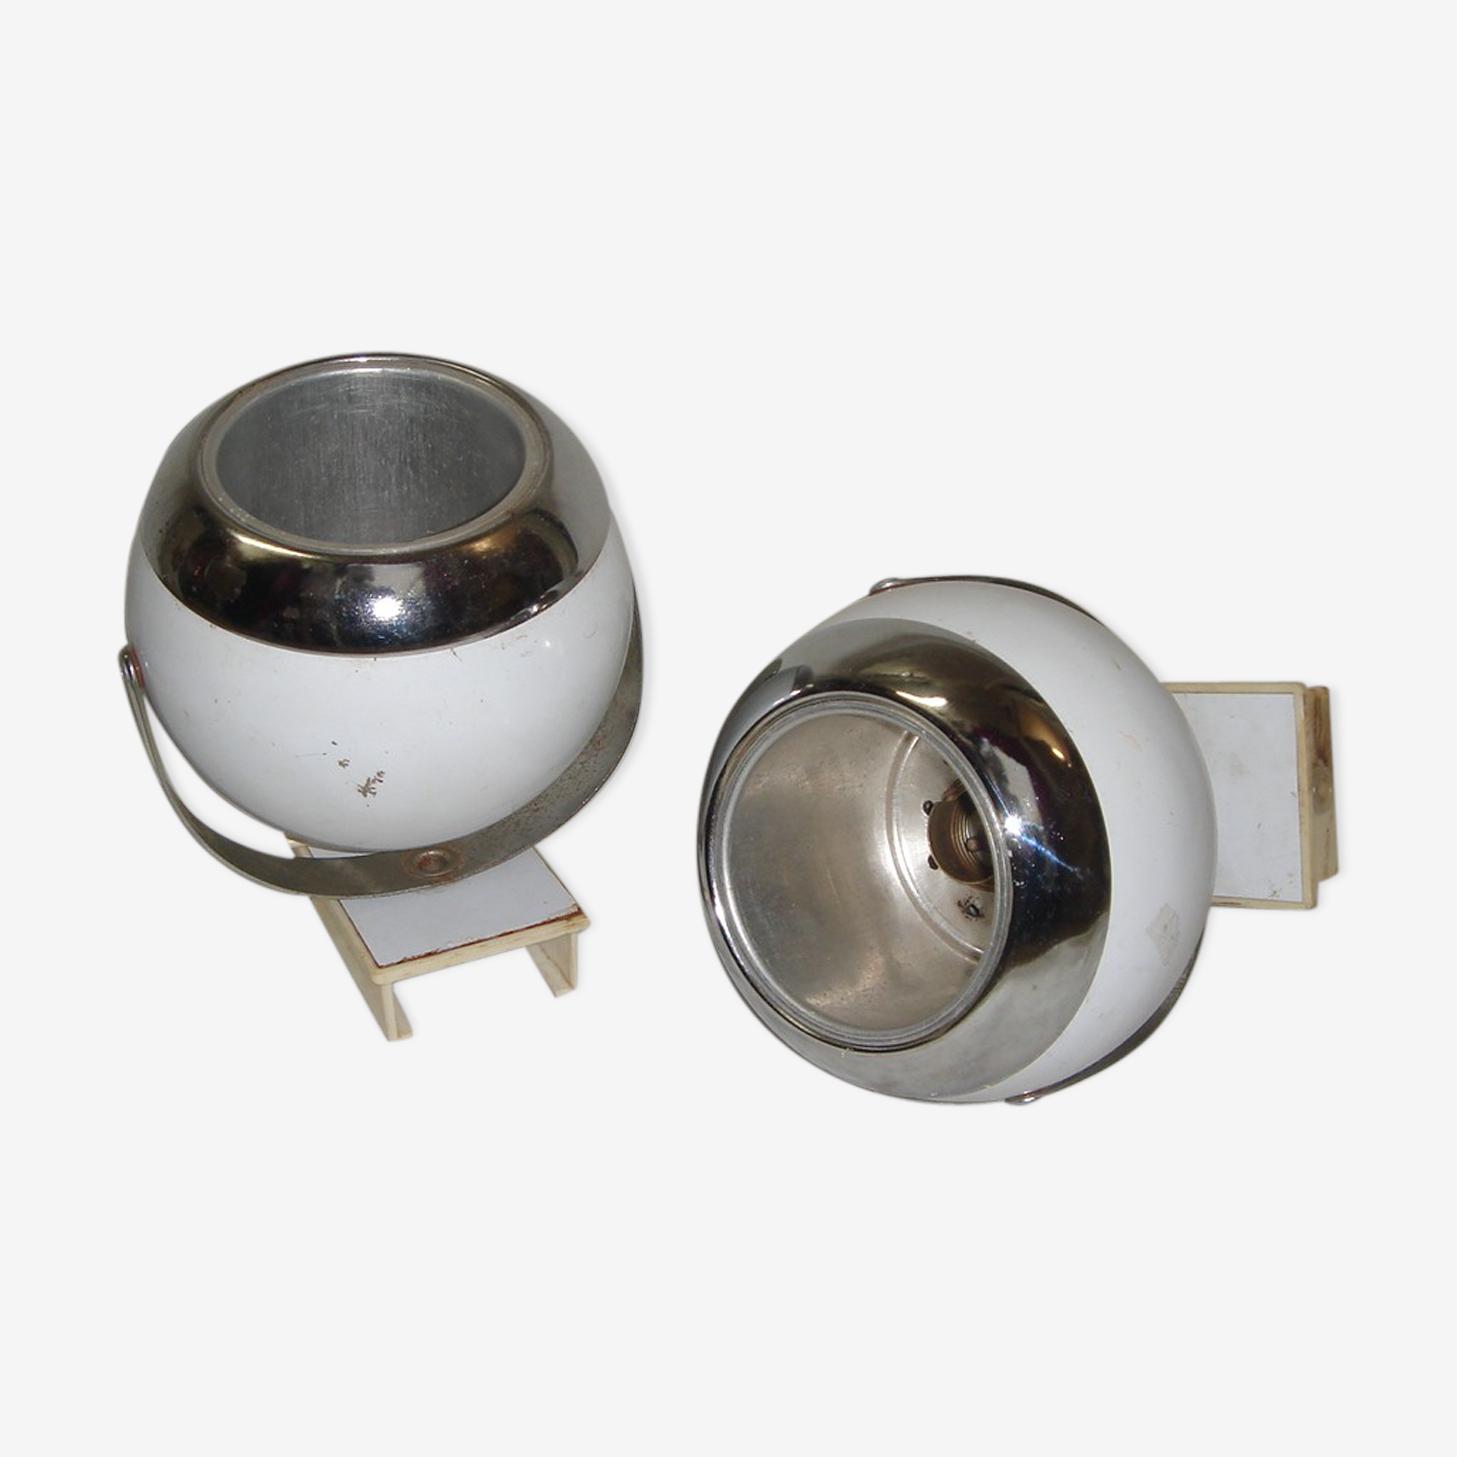 2 appliques eye ball blanche de 1970, space age